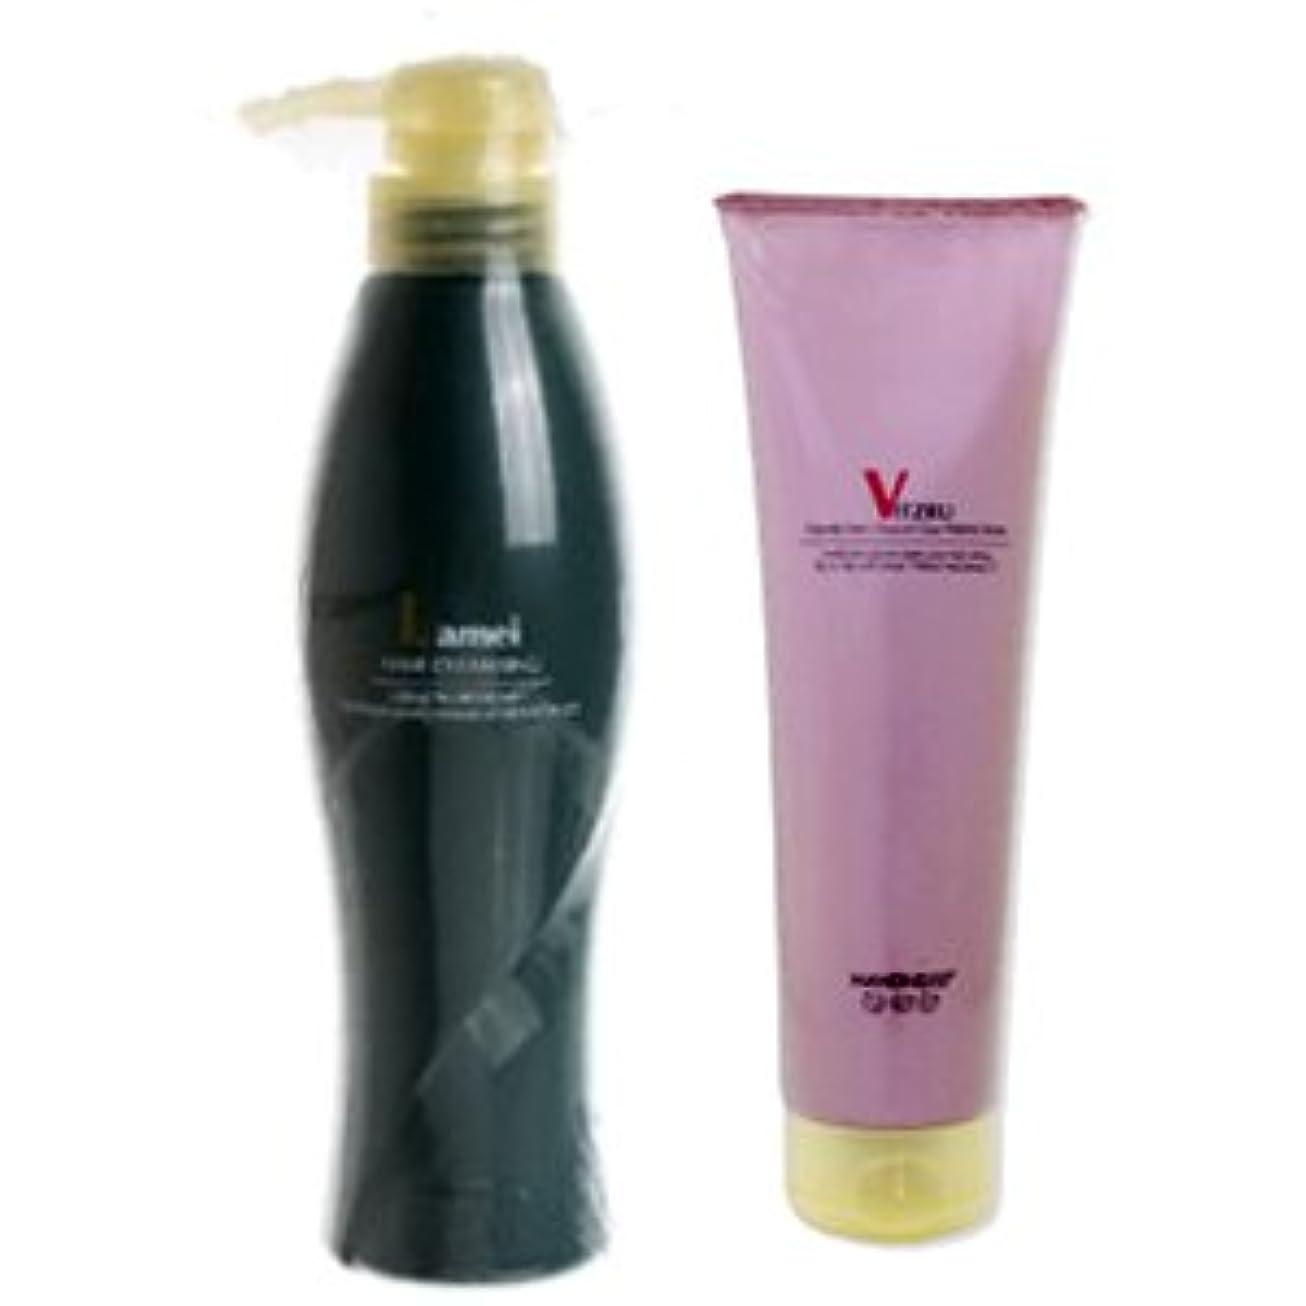 洗剤パースブラックボロウダニハホニコ ラメイヘアクレンジング 400mL & ビッツル 280g セット [Shampoo-land限定]